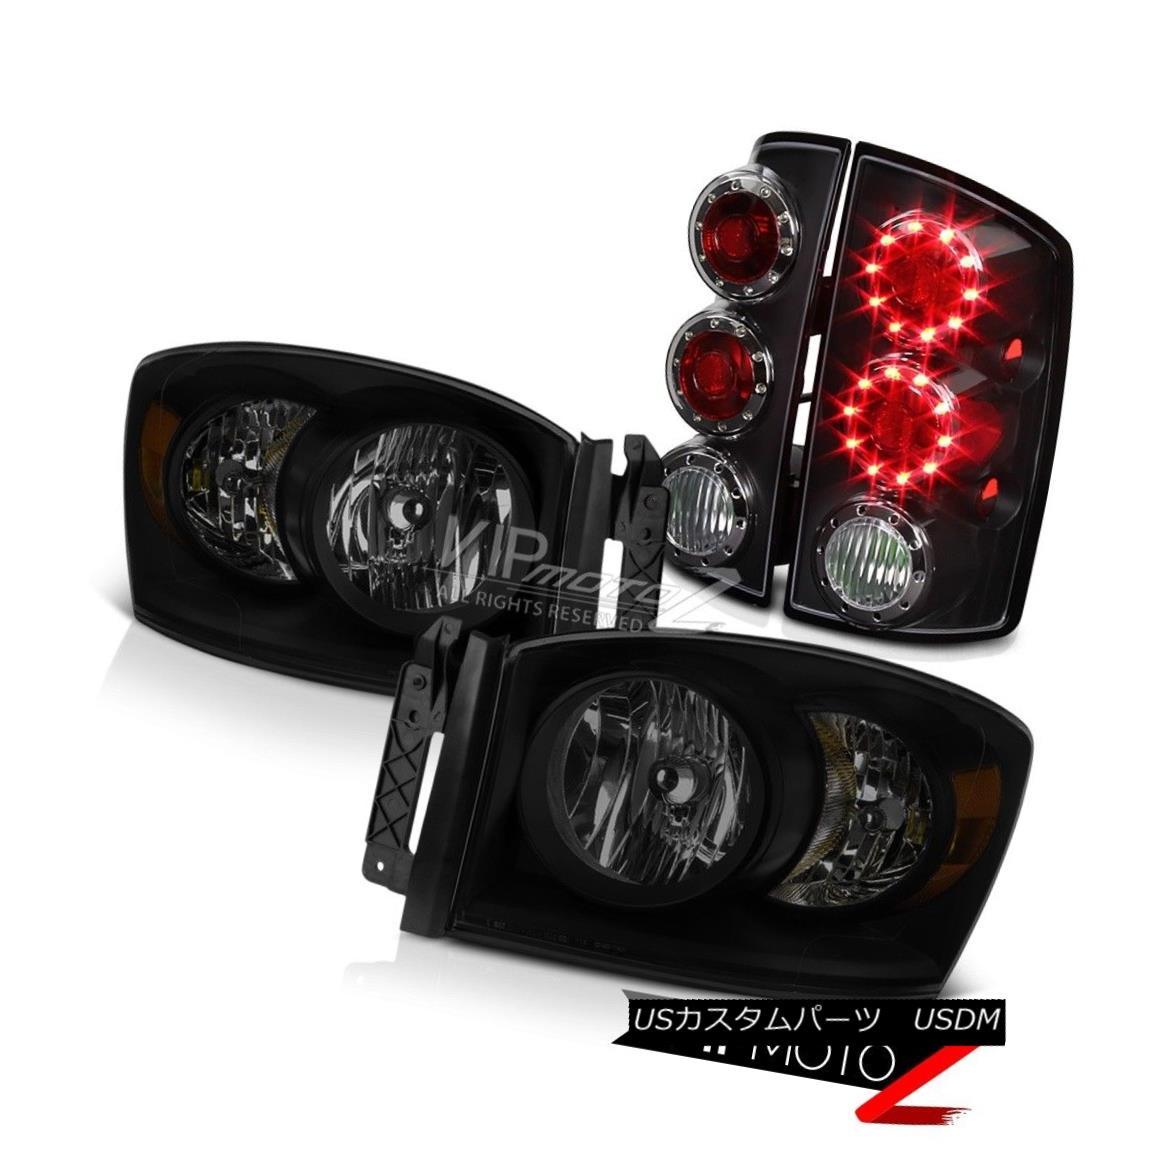 ヘッドライト 2006 Ram 1500 Headlamps Nighthawk Black Tail Lights Factory Style